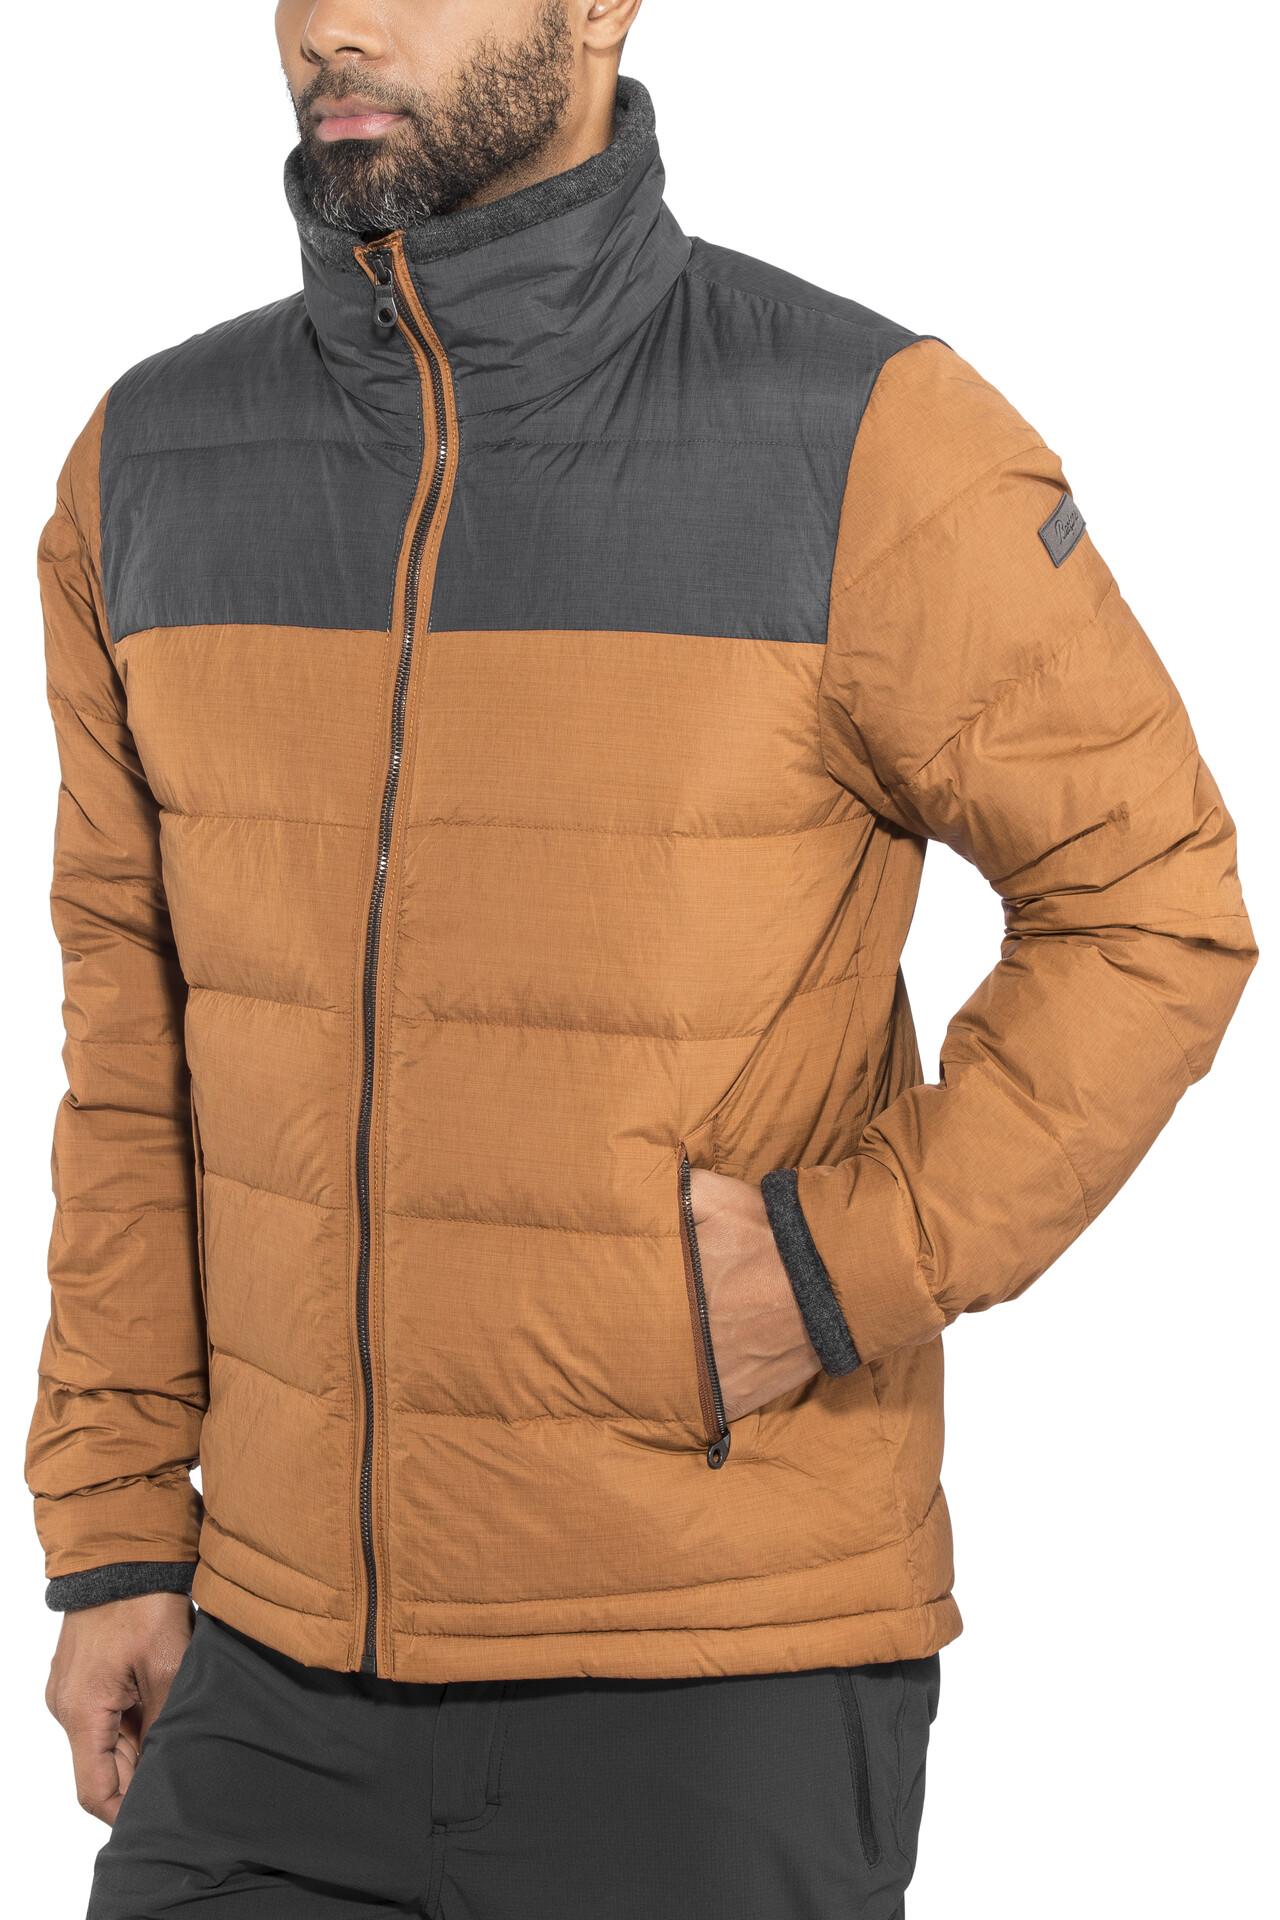 d2446a0d9 bergans down light jacket daunenjacke steelblue s